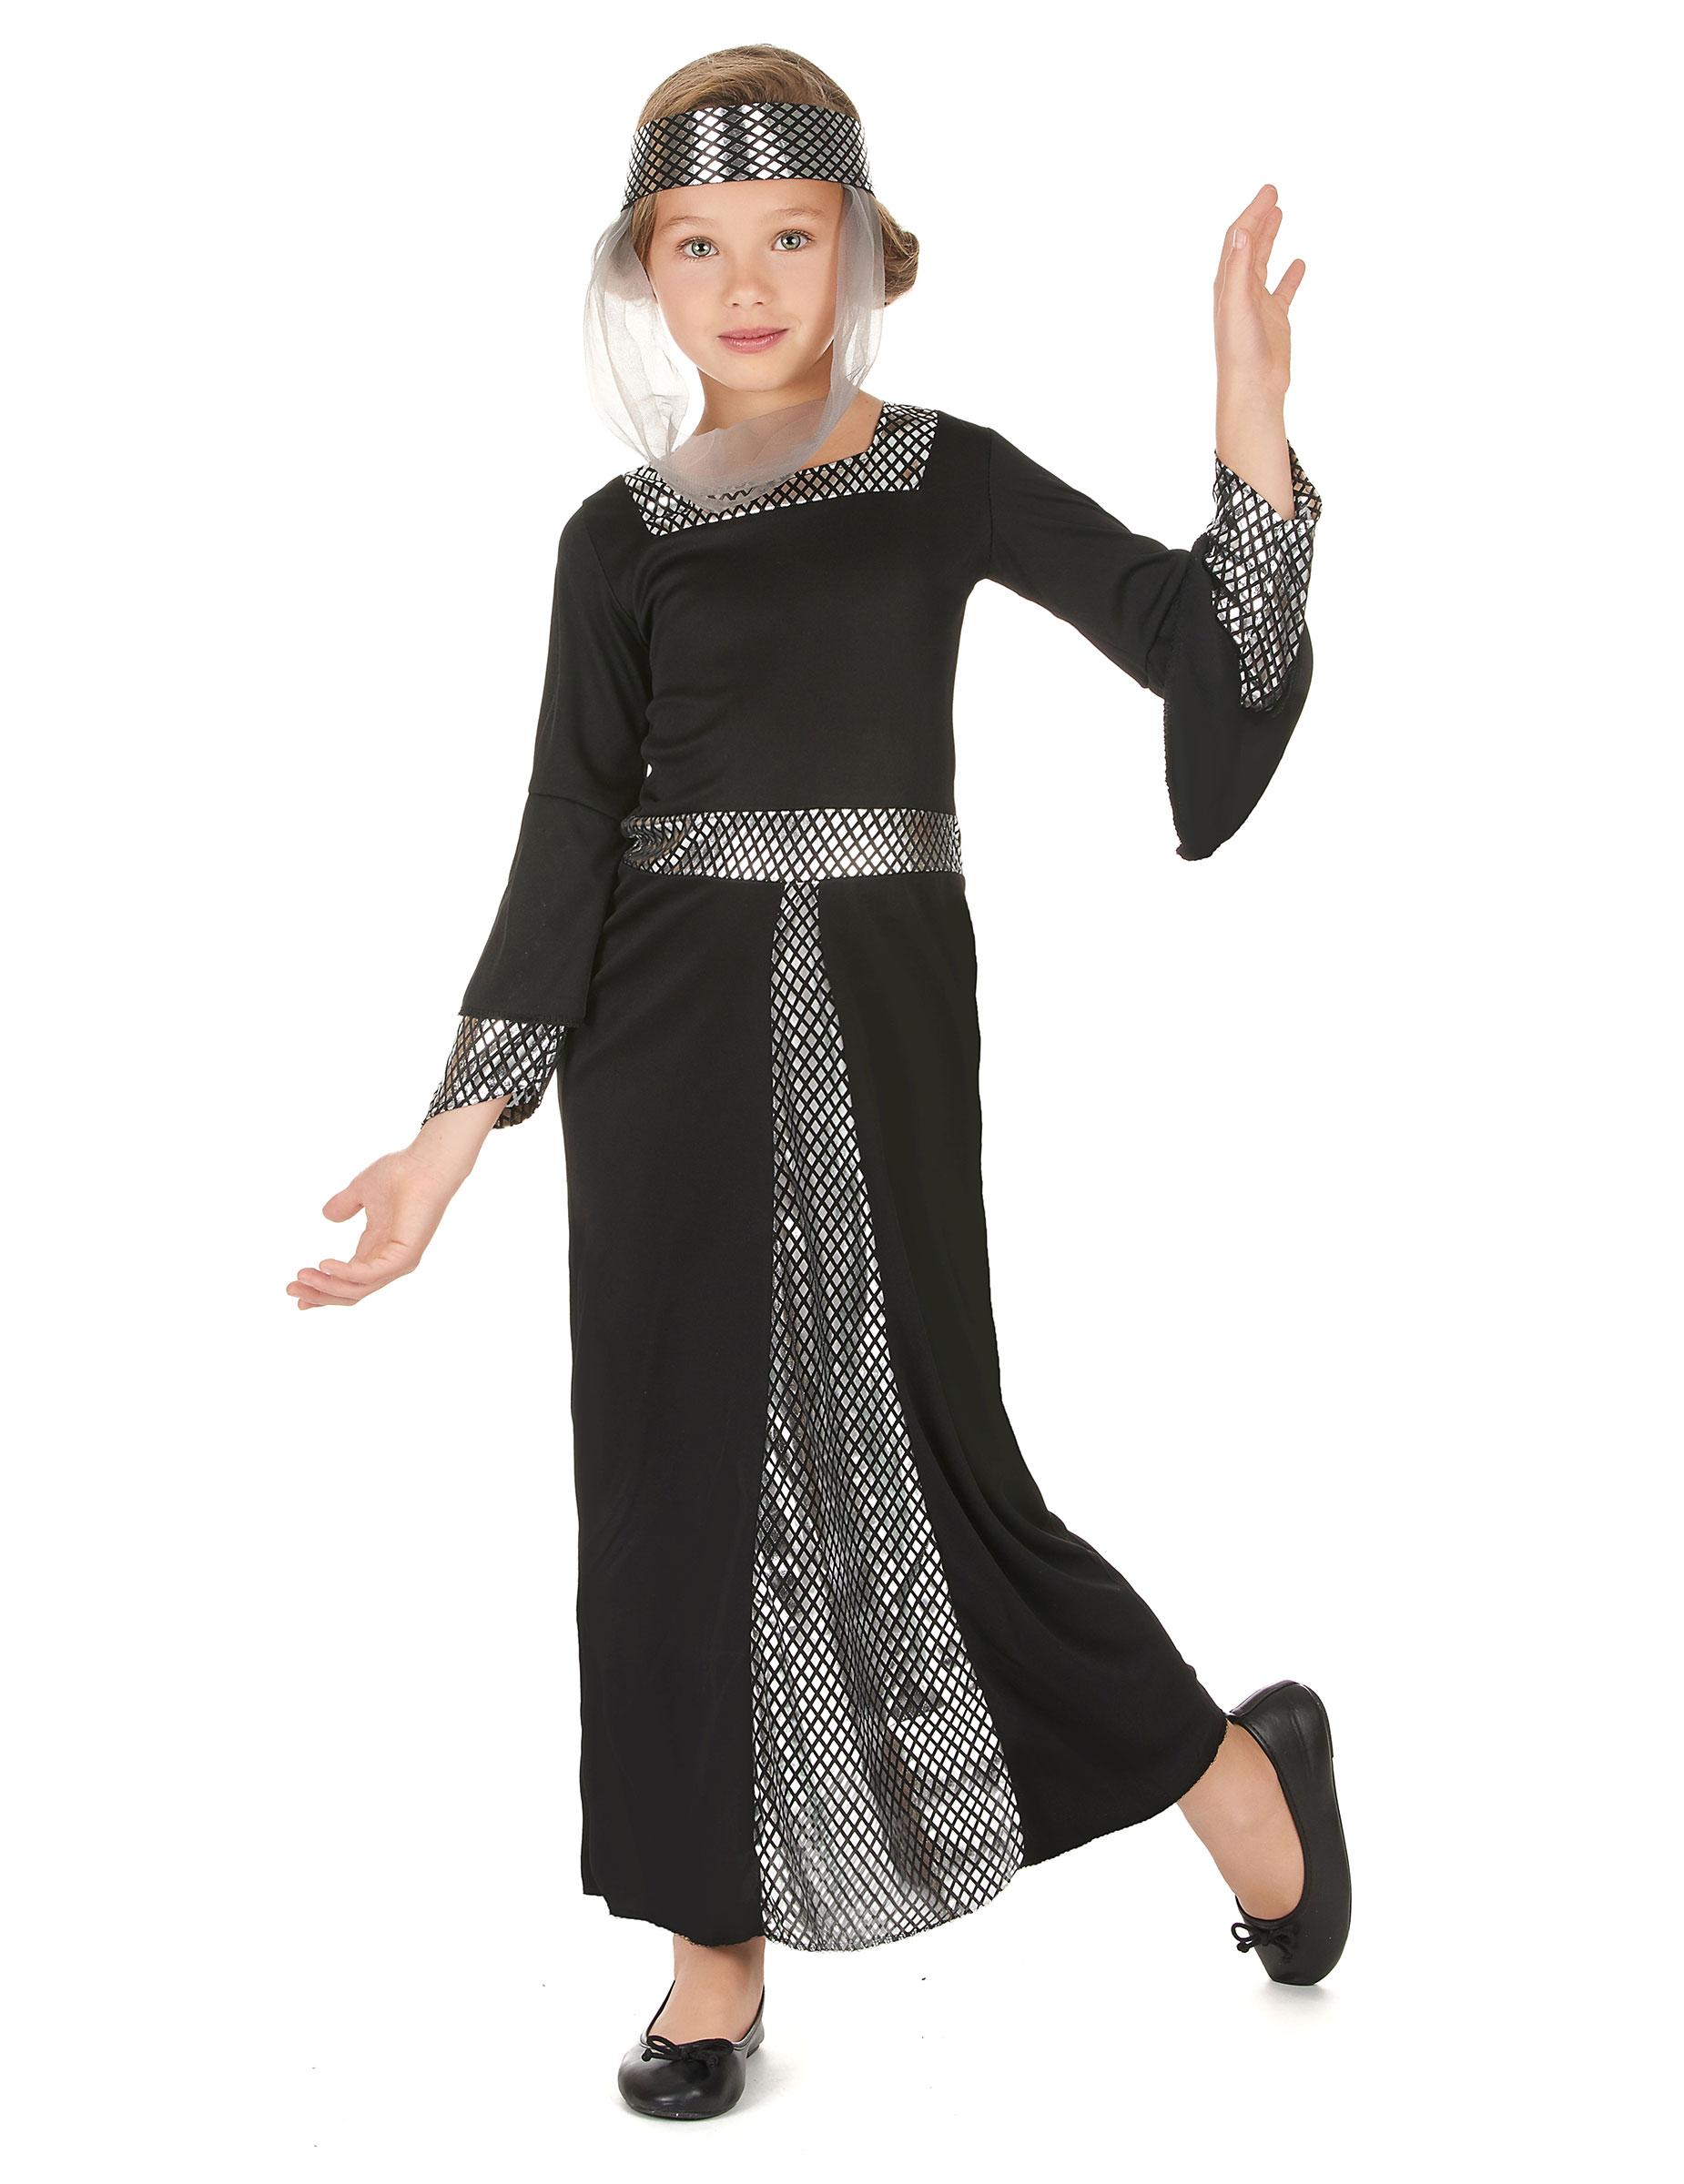 moda firmata estremamente unico 100% di alta qualità Costumi per bambini a tema medievale - Vegaoo.it